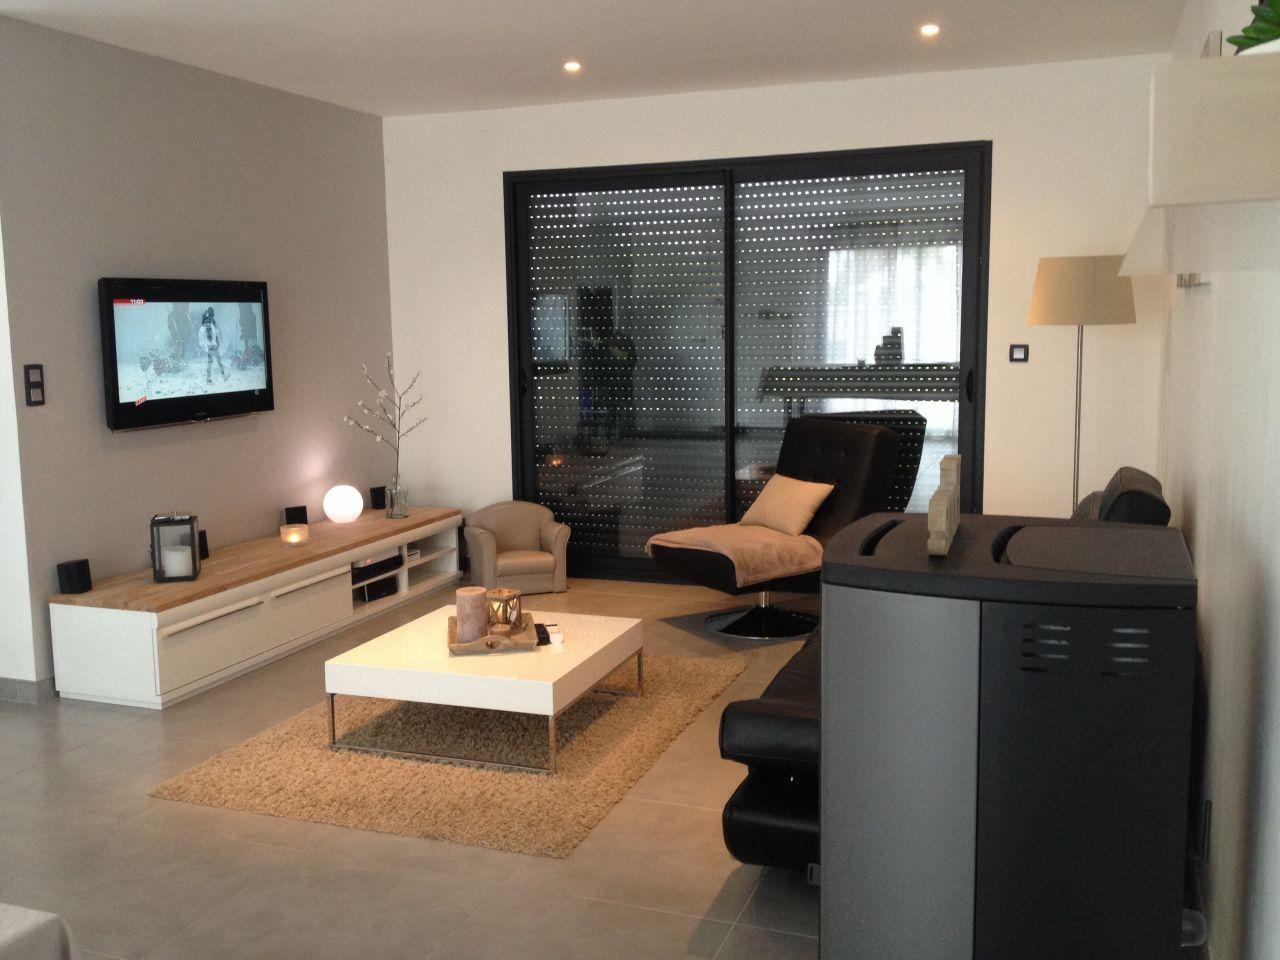 Forum Carrelage Imitation Parquet maison contemporaine a toît plat ^^ par koralyee10 sur